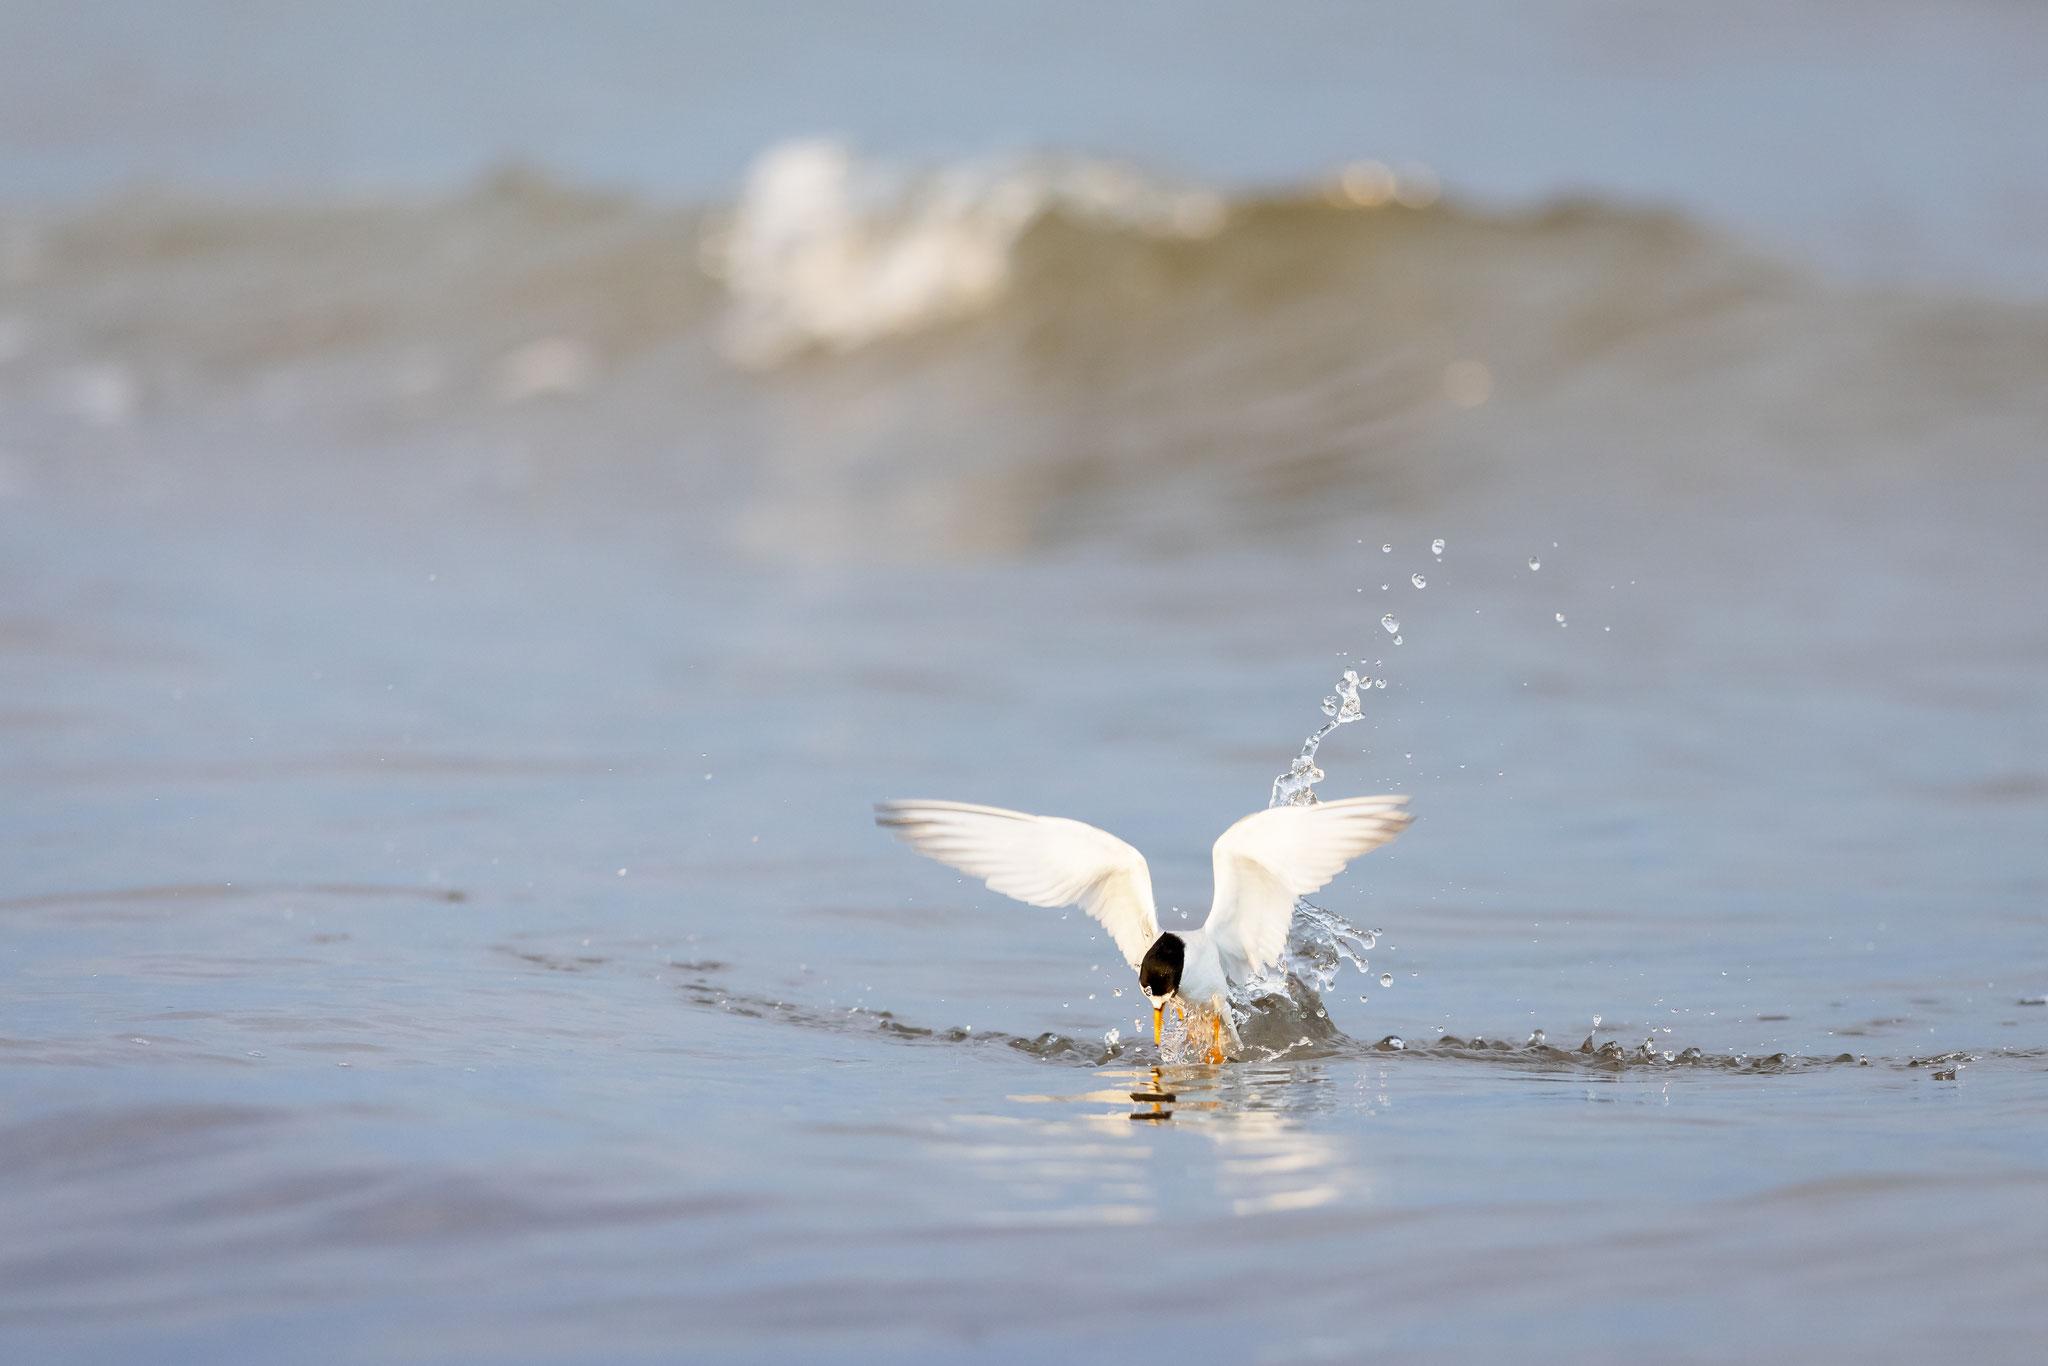 Die nur etwa amselgroße Zwergseeschwalbe kämpft sich aus dem Wasser